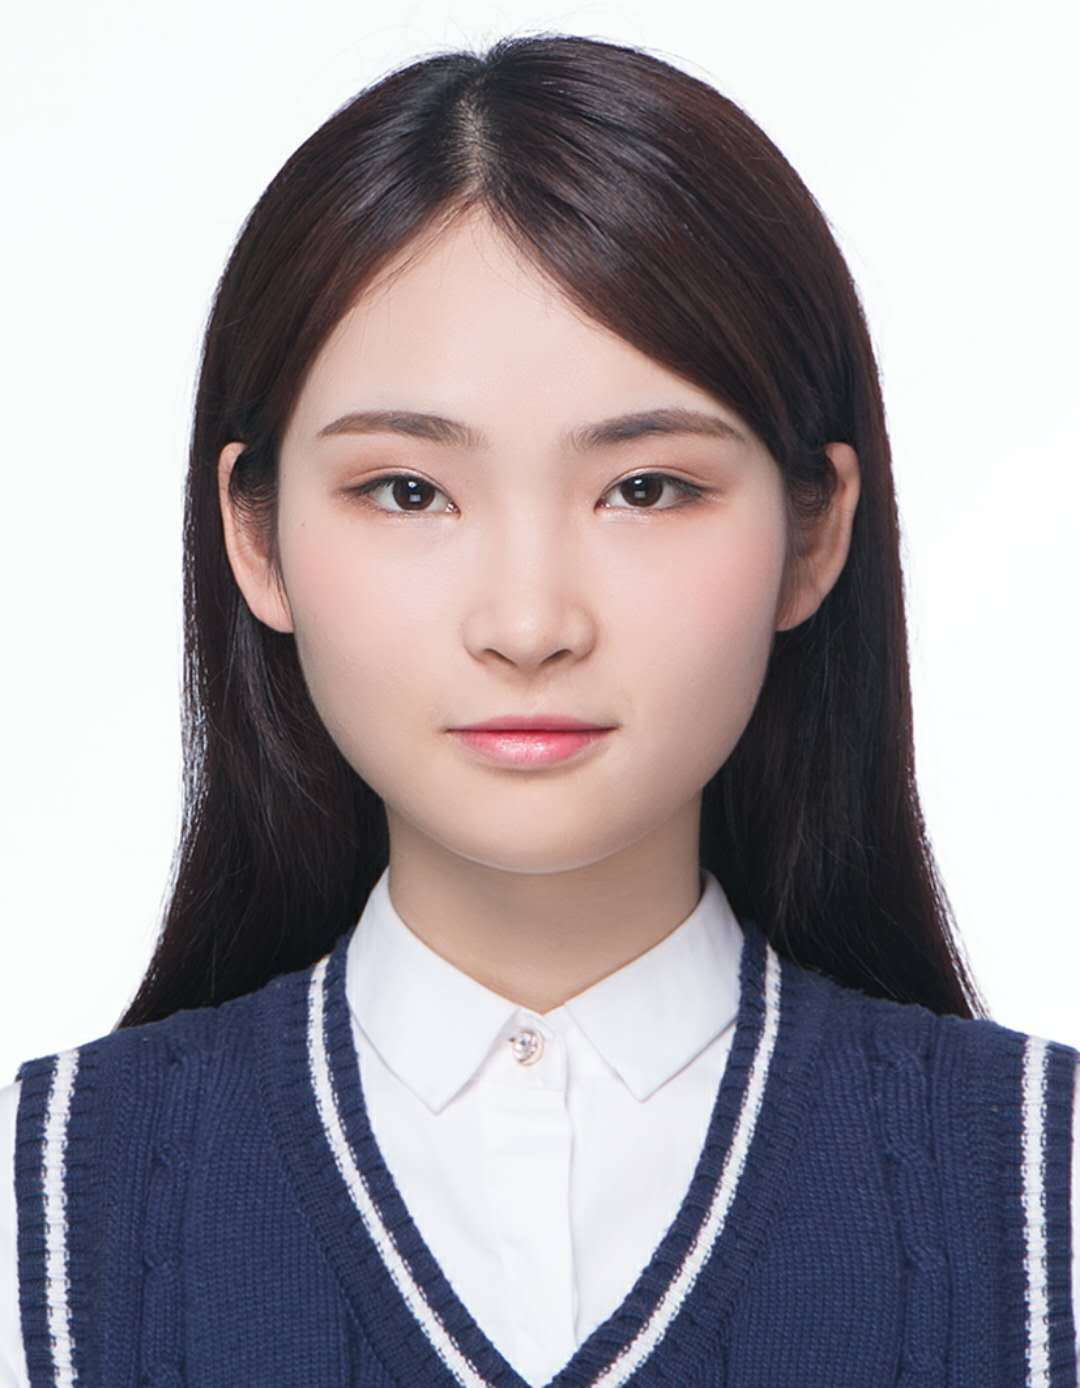 徐汇家教冯老师